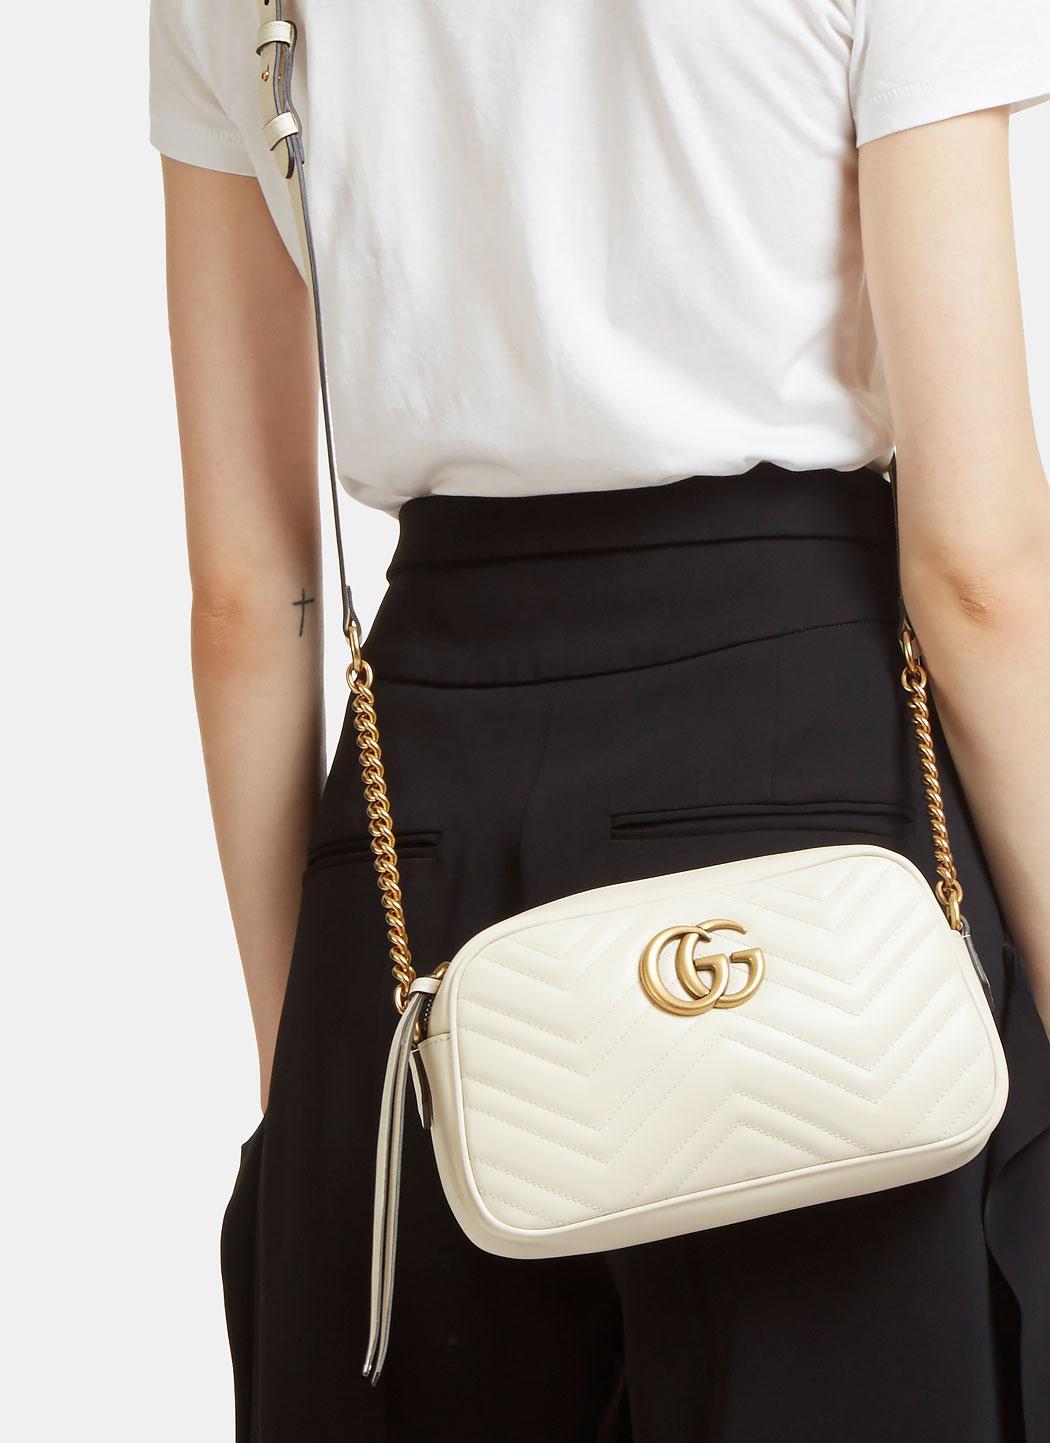 GG Marmont matelassé shoulder bag - Gucci Womens Shoulder